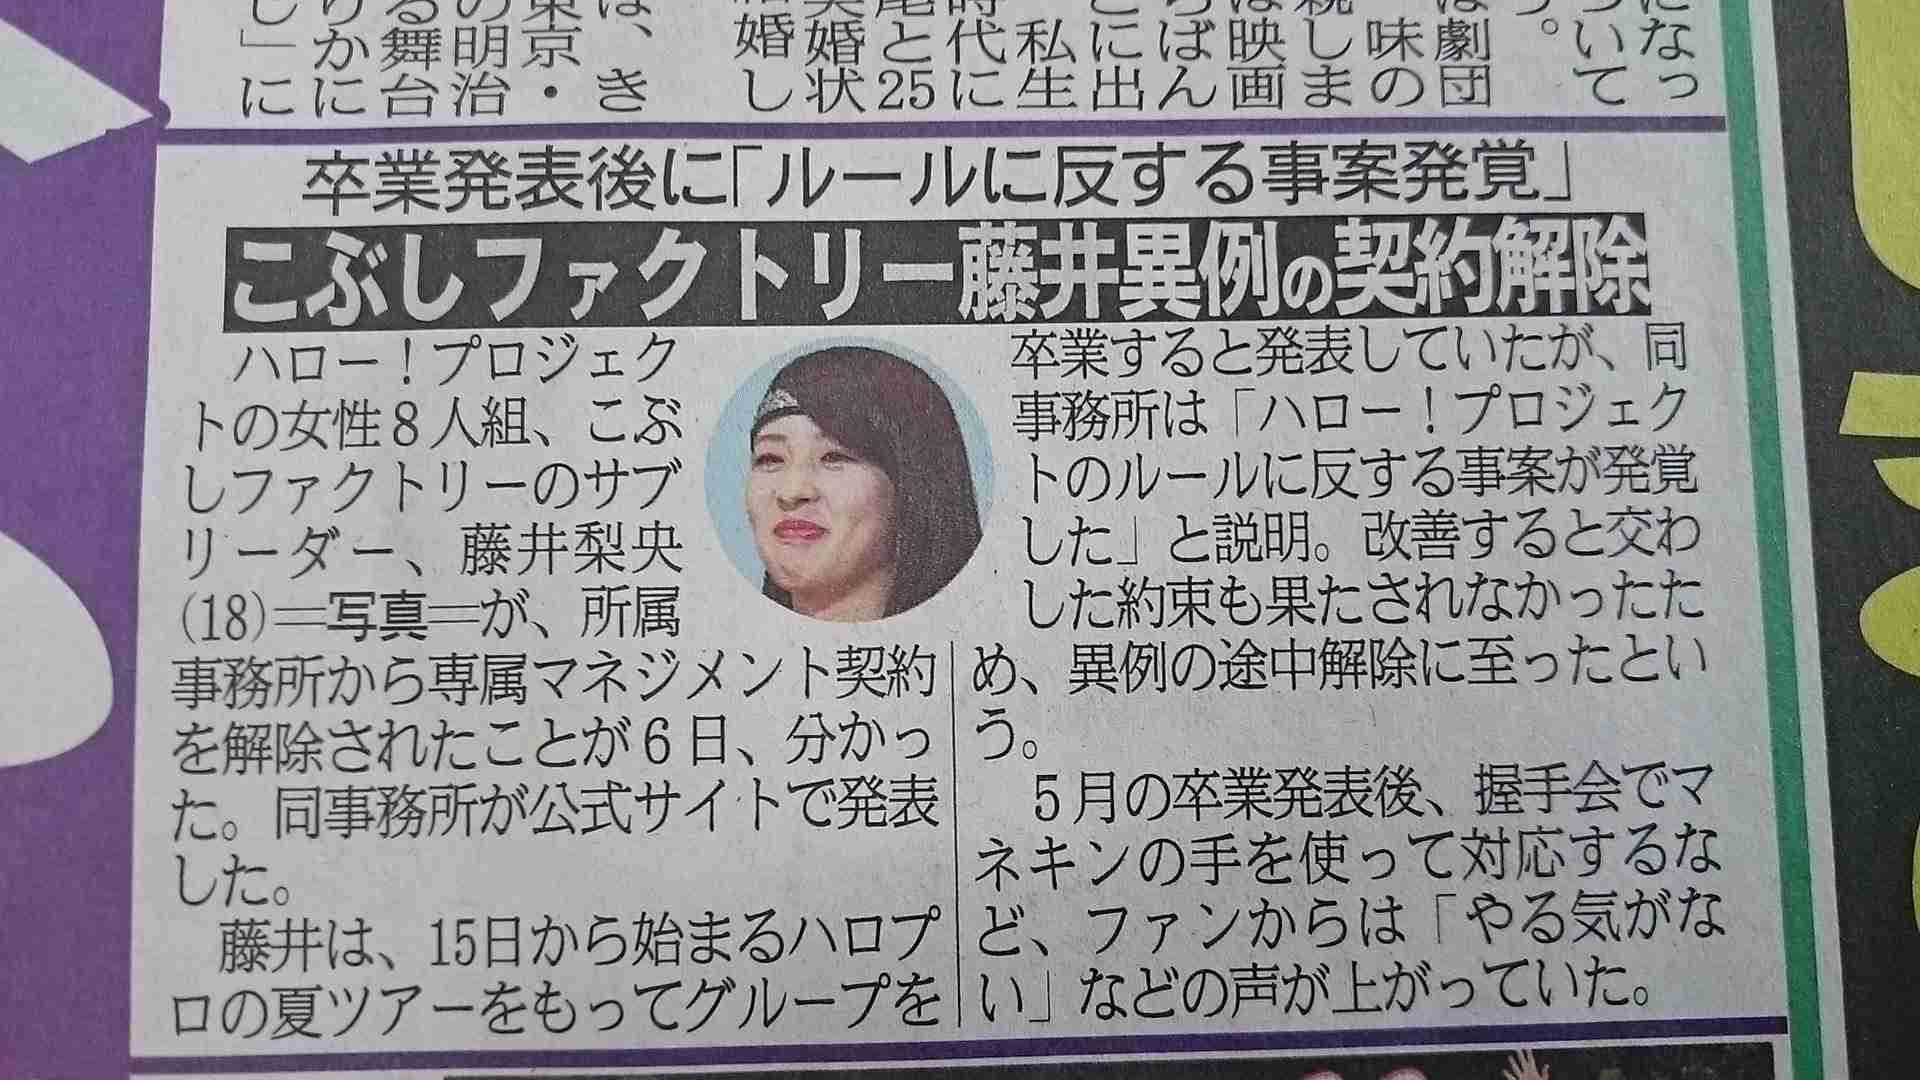 """ハロプロアイドル""""ルールに反する事案""""で こぶしファクトリーの藤井梨央が契約解除"""